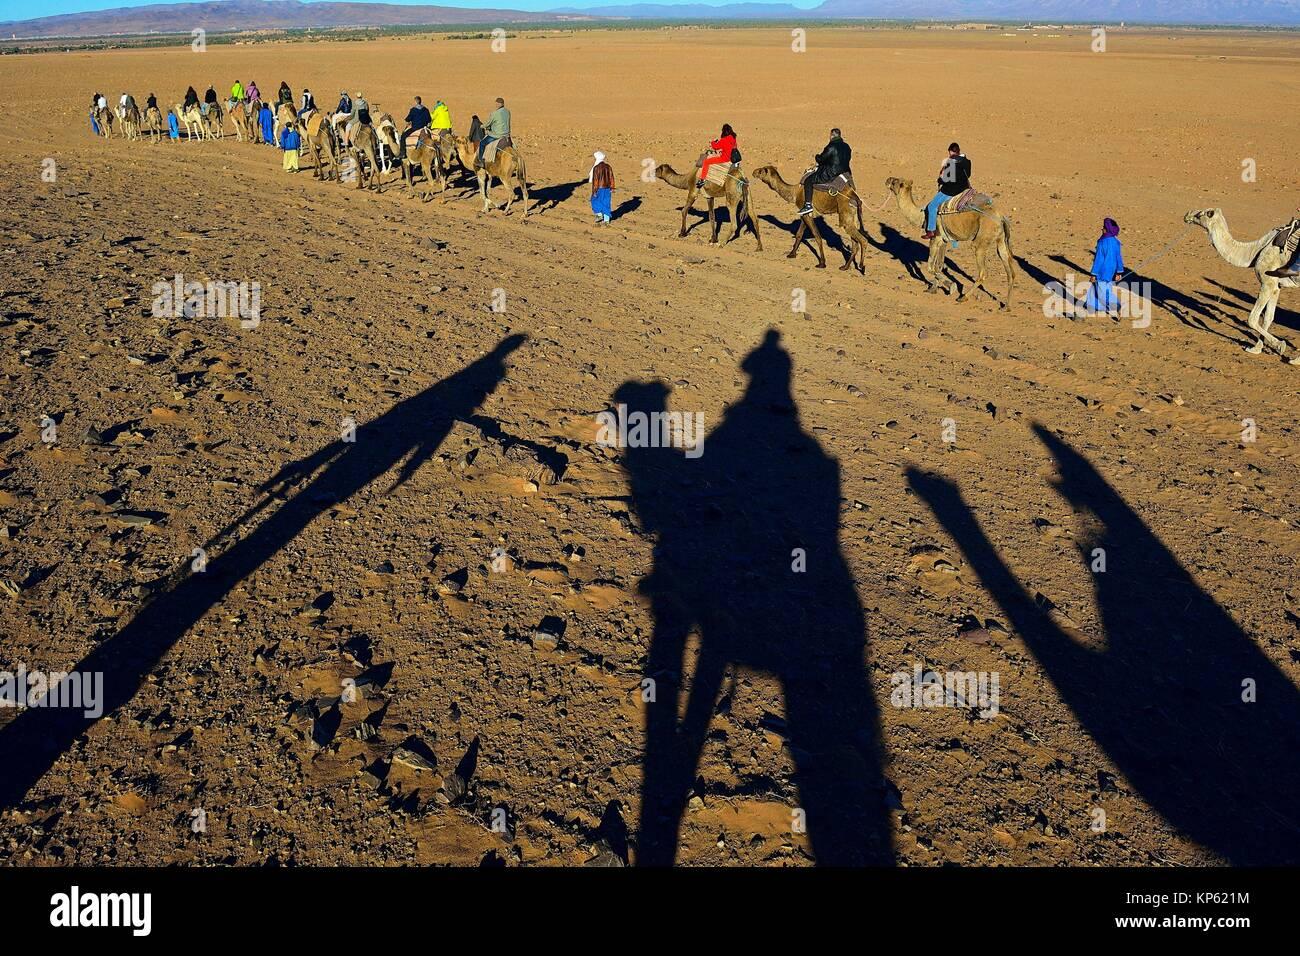 Tourismus in der Wüste in der Nähe von Zagora, Süden von Marokko. Stockbild